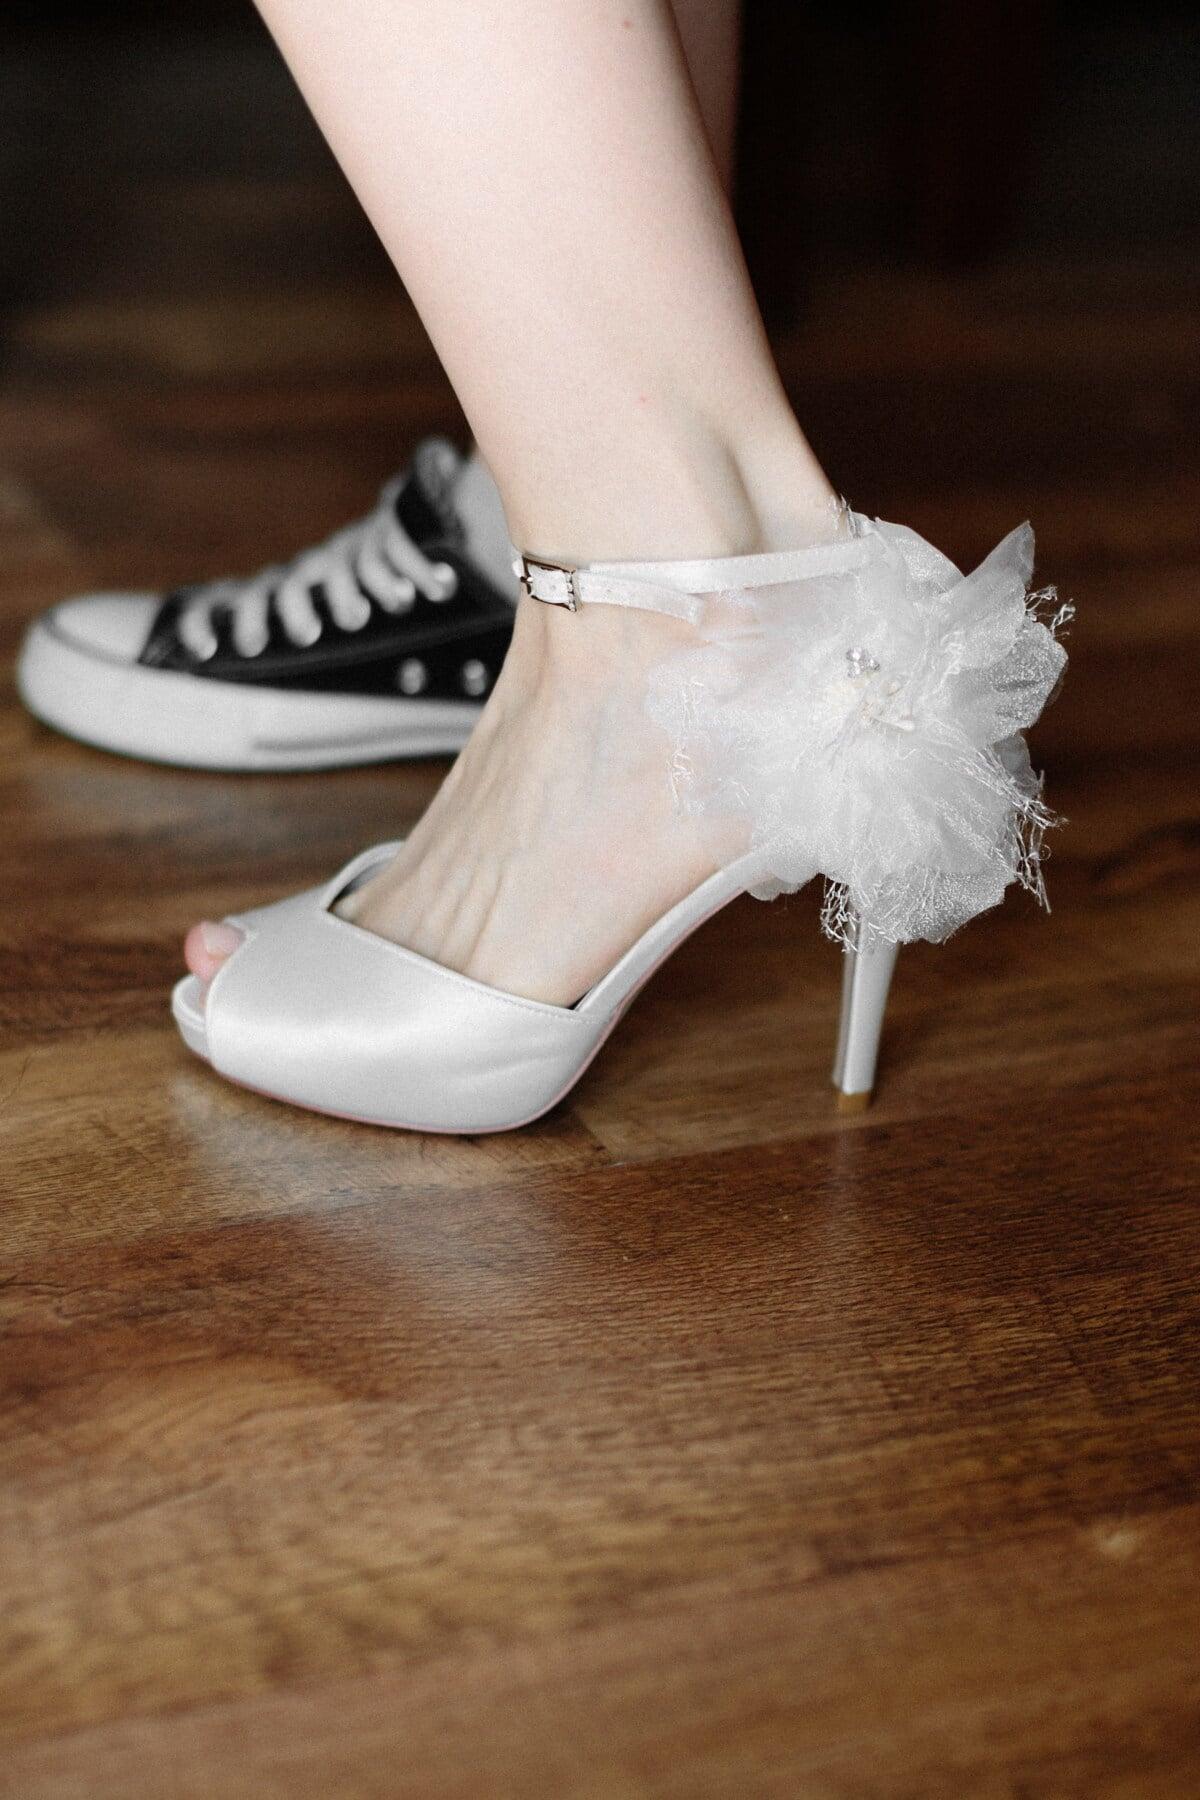 Fersen, Sandale, weiß, elegant, Hochzeit, Klassiker, Bein, Turnschuhe, gemütlich, Mode